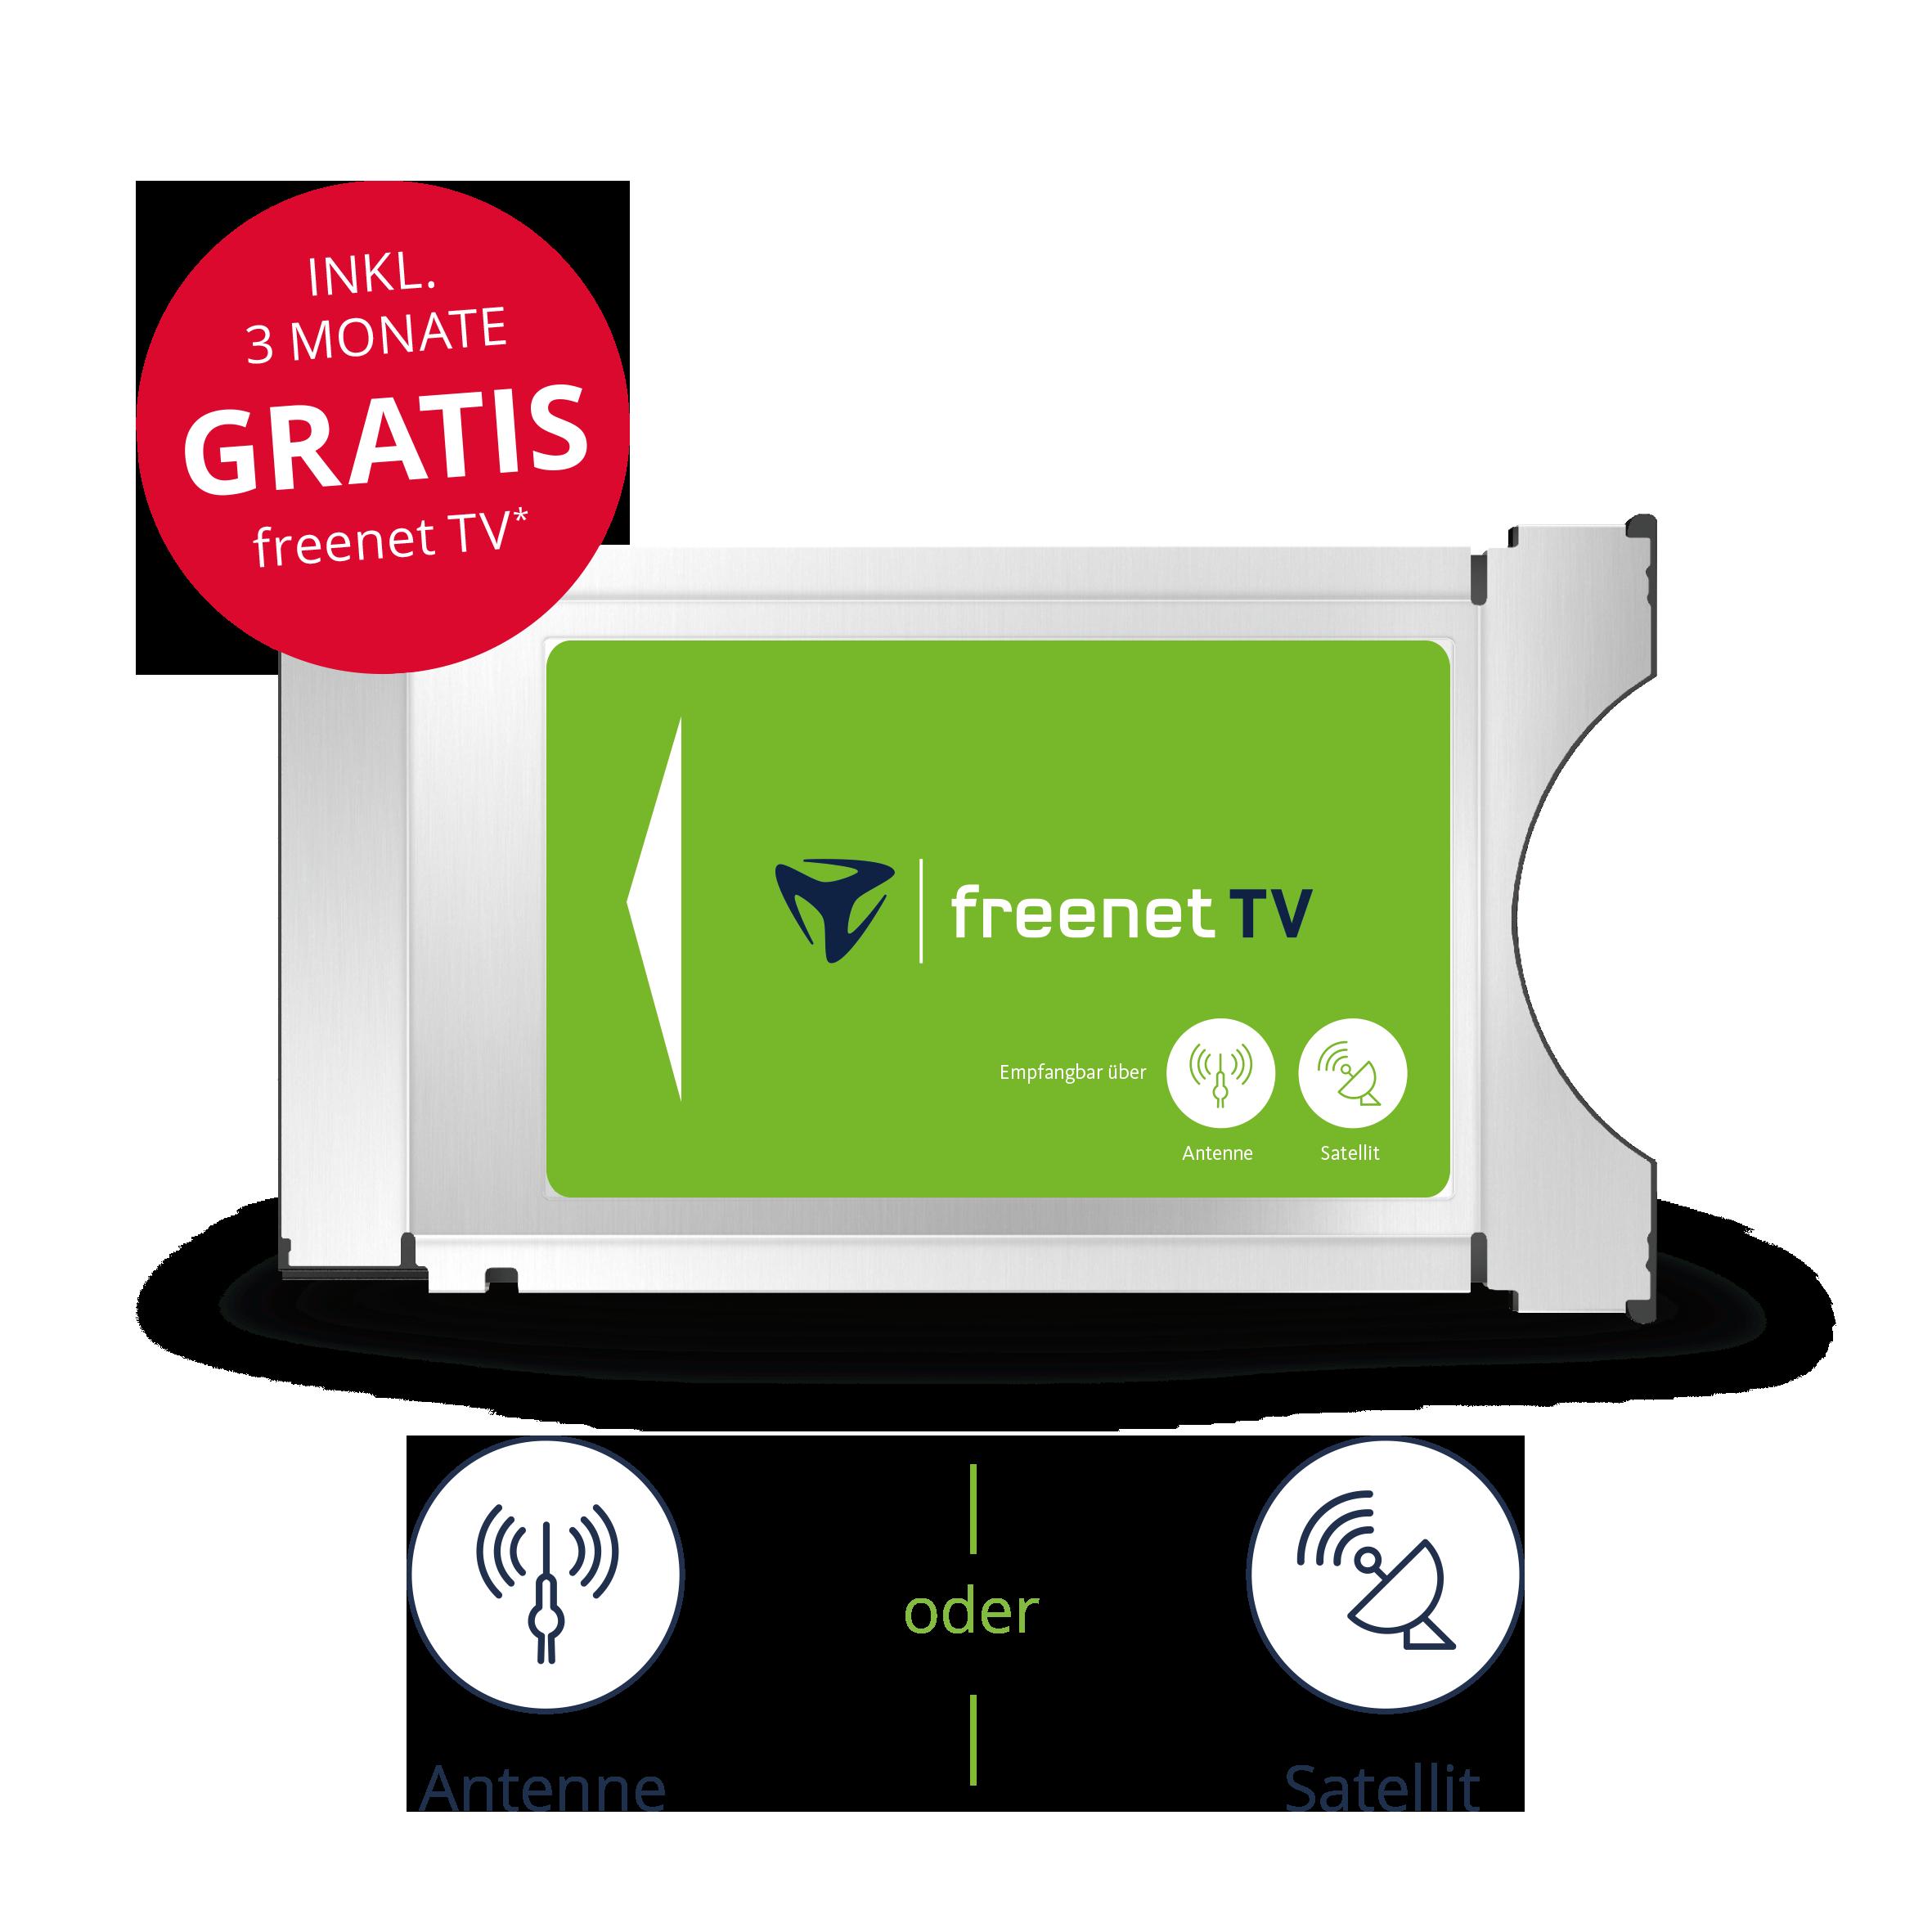 CI+ TV Modul von freenet TV für Antenne & Satellit inkl. 3 Monate gratis*